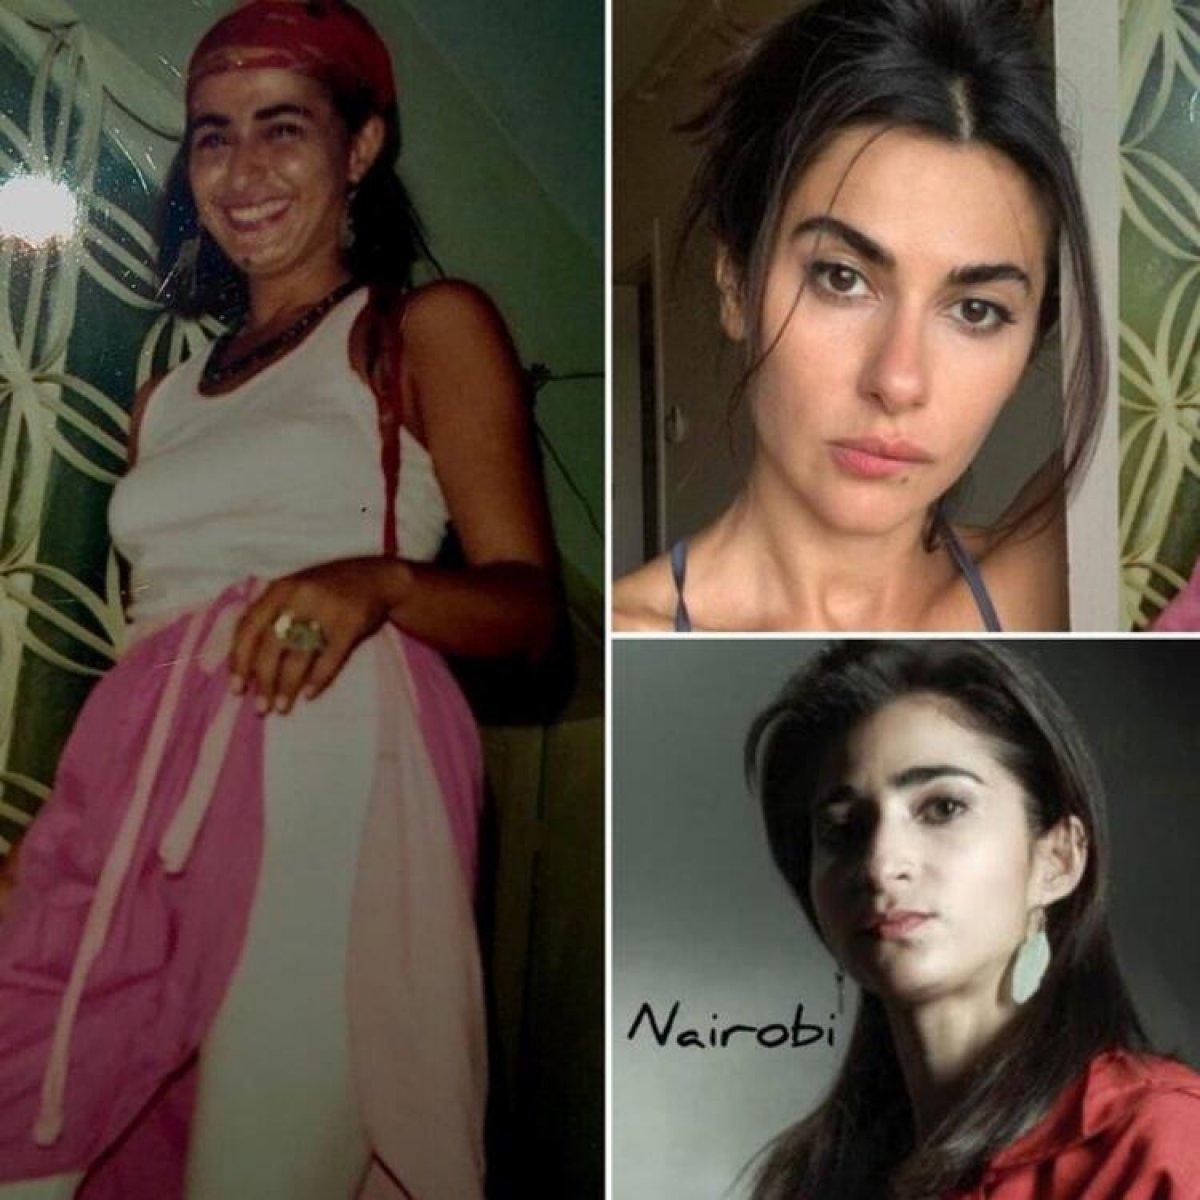 Yıldız Tilbe nin gençliğini Nesrin Cavadzade ye benzettiler #2